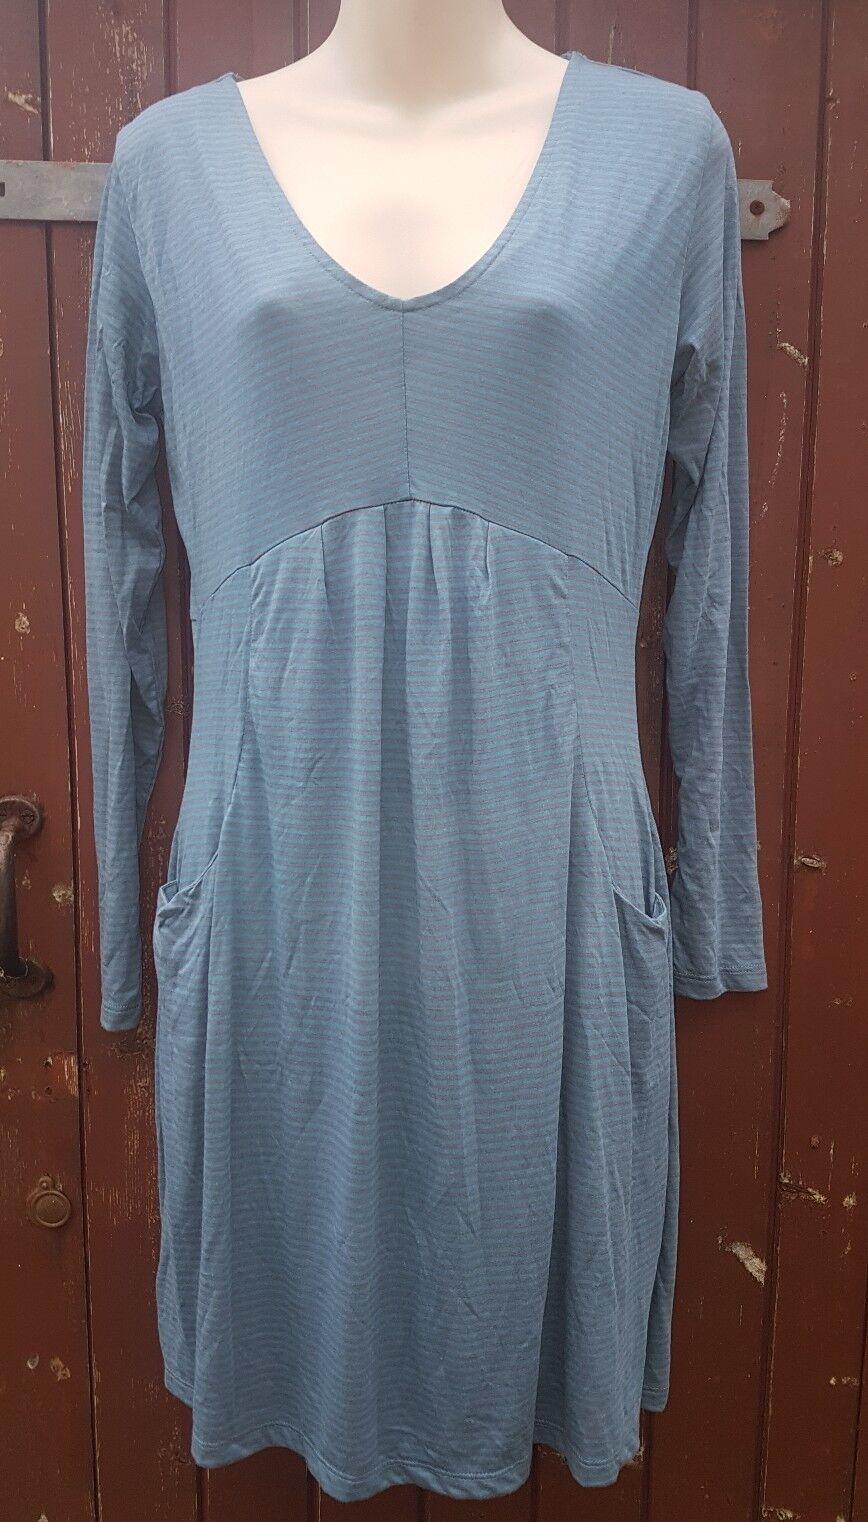 BNWT BRAINTREE Tunic Dress, bluee Grey Striped, Size M